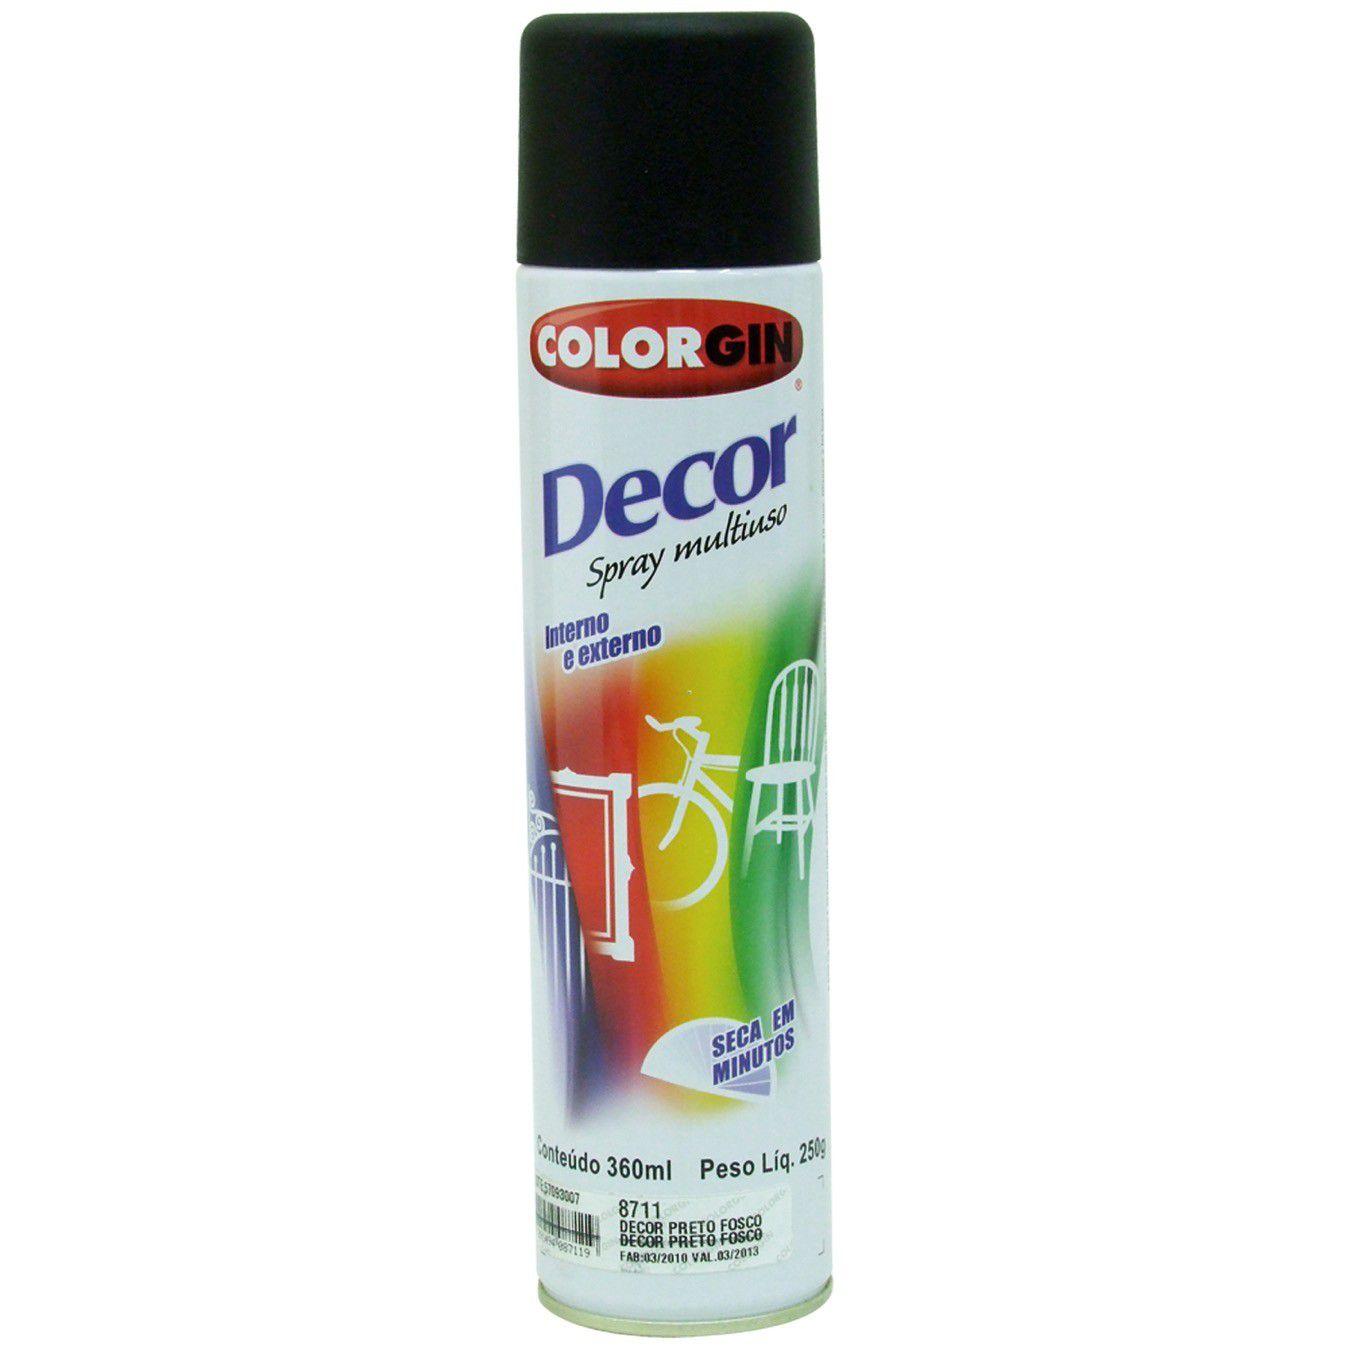 Tinta Spray Colorgin Decor Preto Fosco 360Ml #A Cx/6